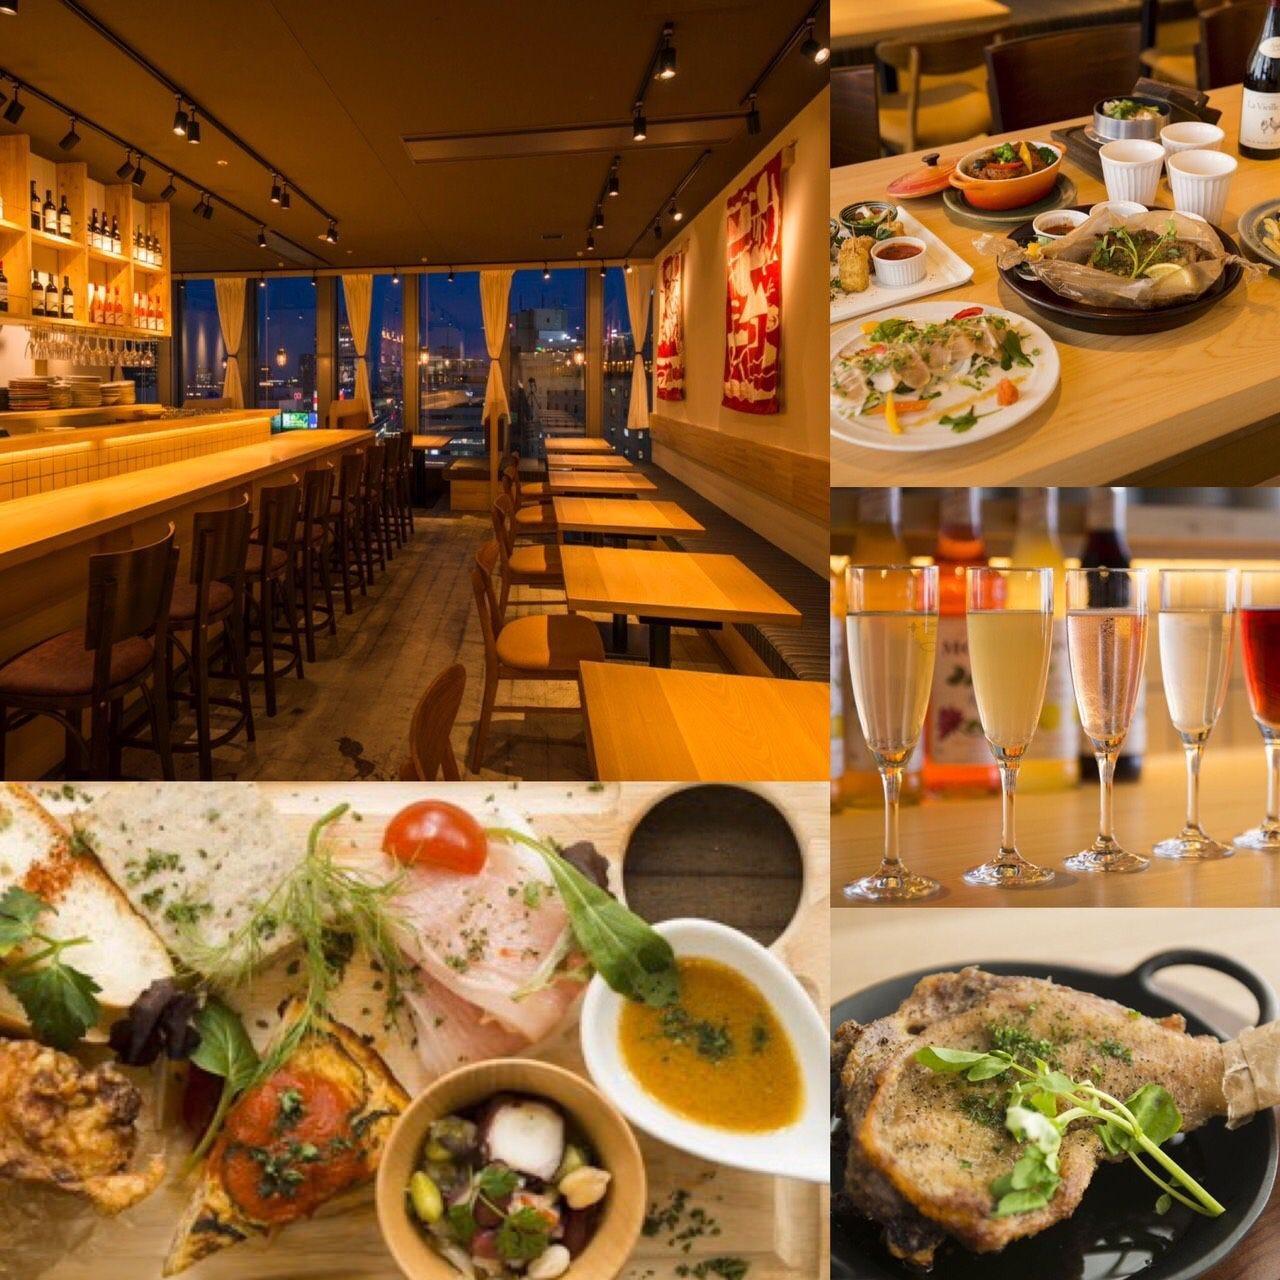 鶏食堂バル TORIICHI ートリイチー ミント神戸店